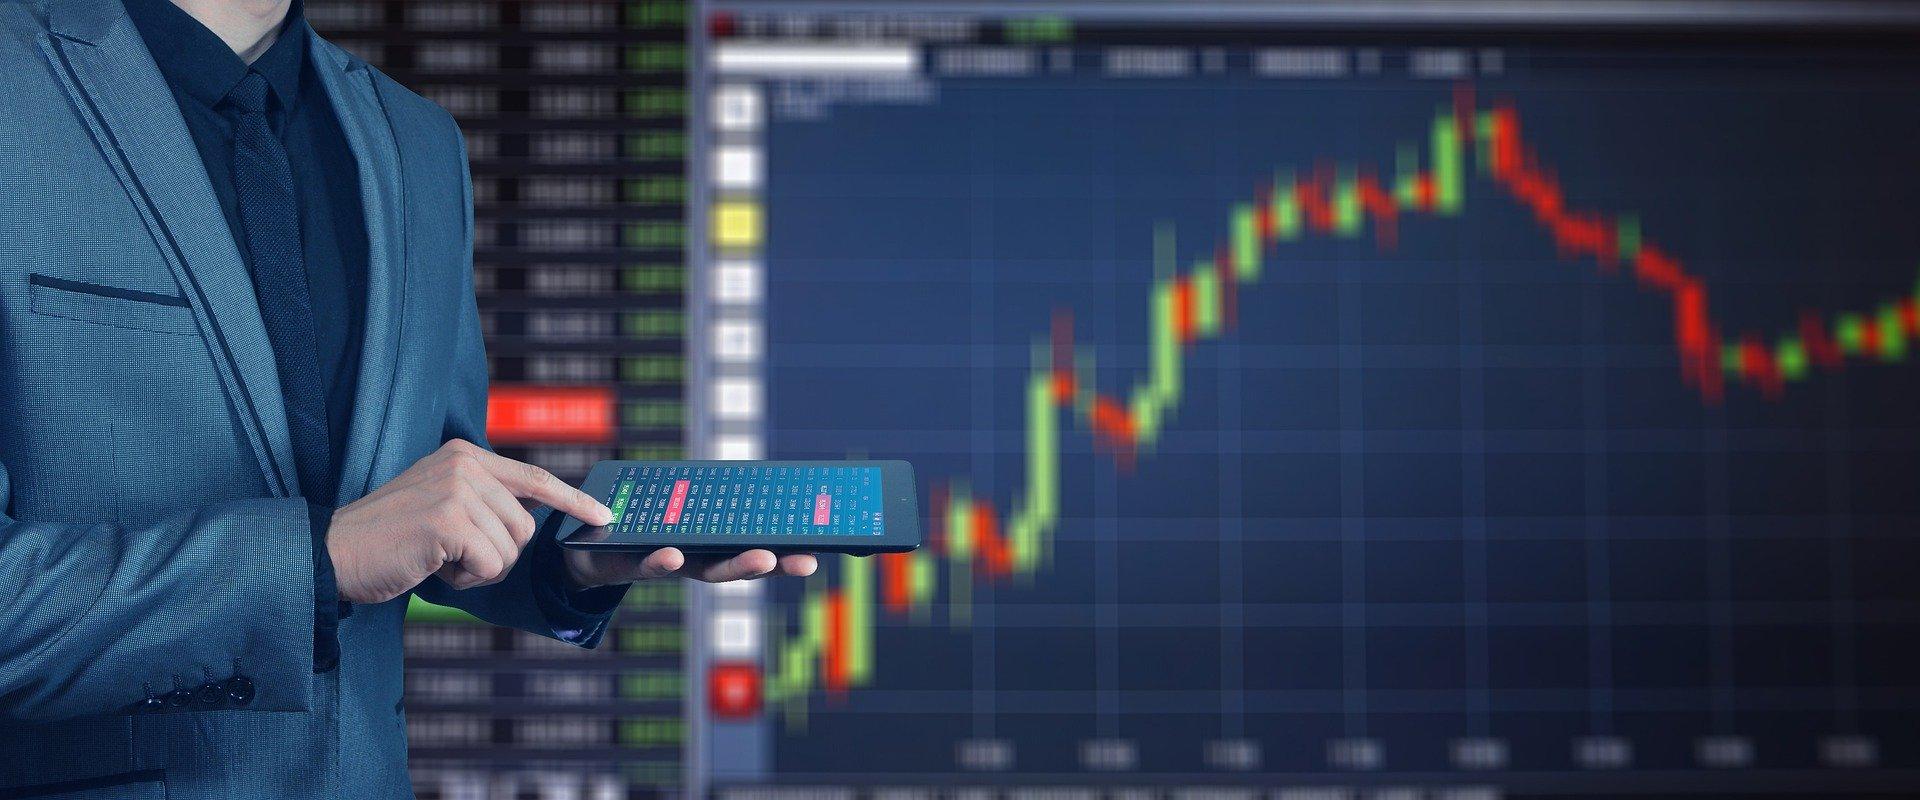 Co to jest gospodarka rynkowa?